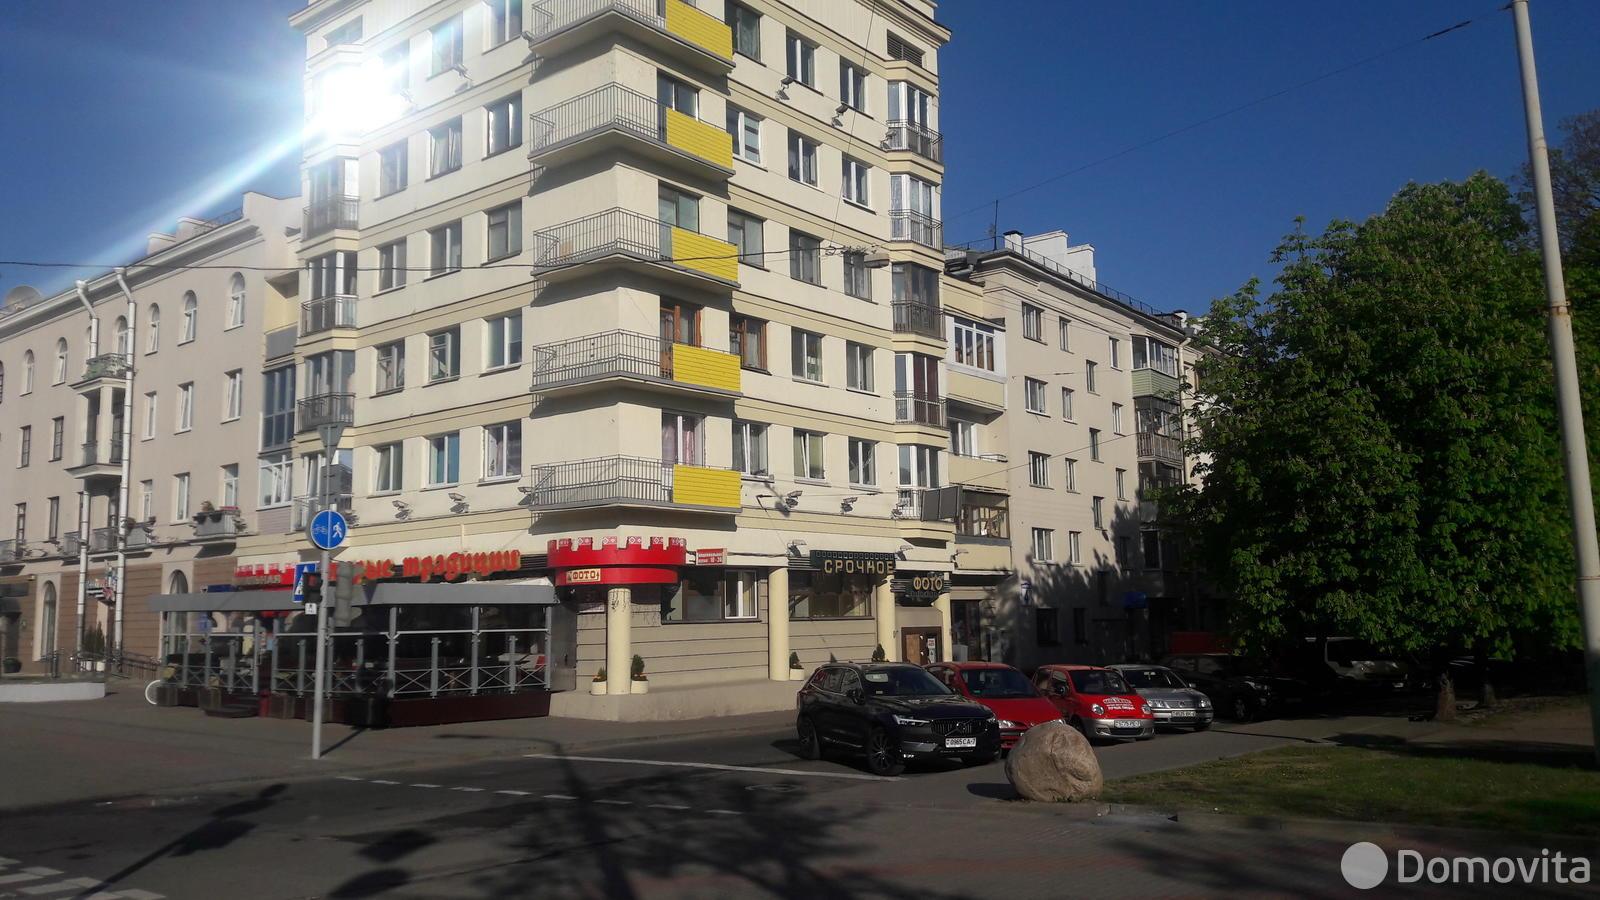 Снять торговое помещение на ул. Дорошевича, д. 4 в Минске - фото 6